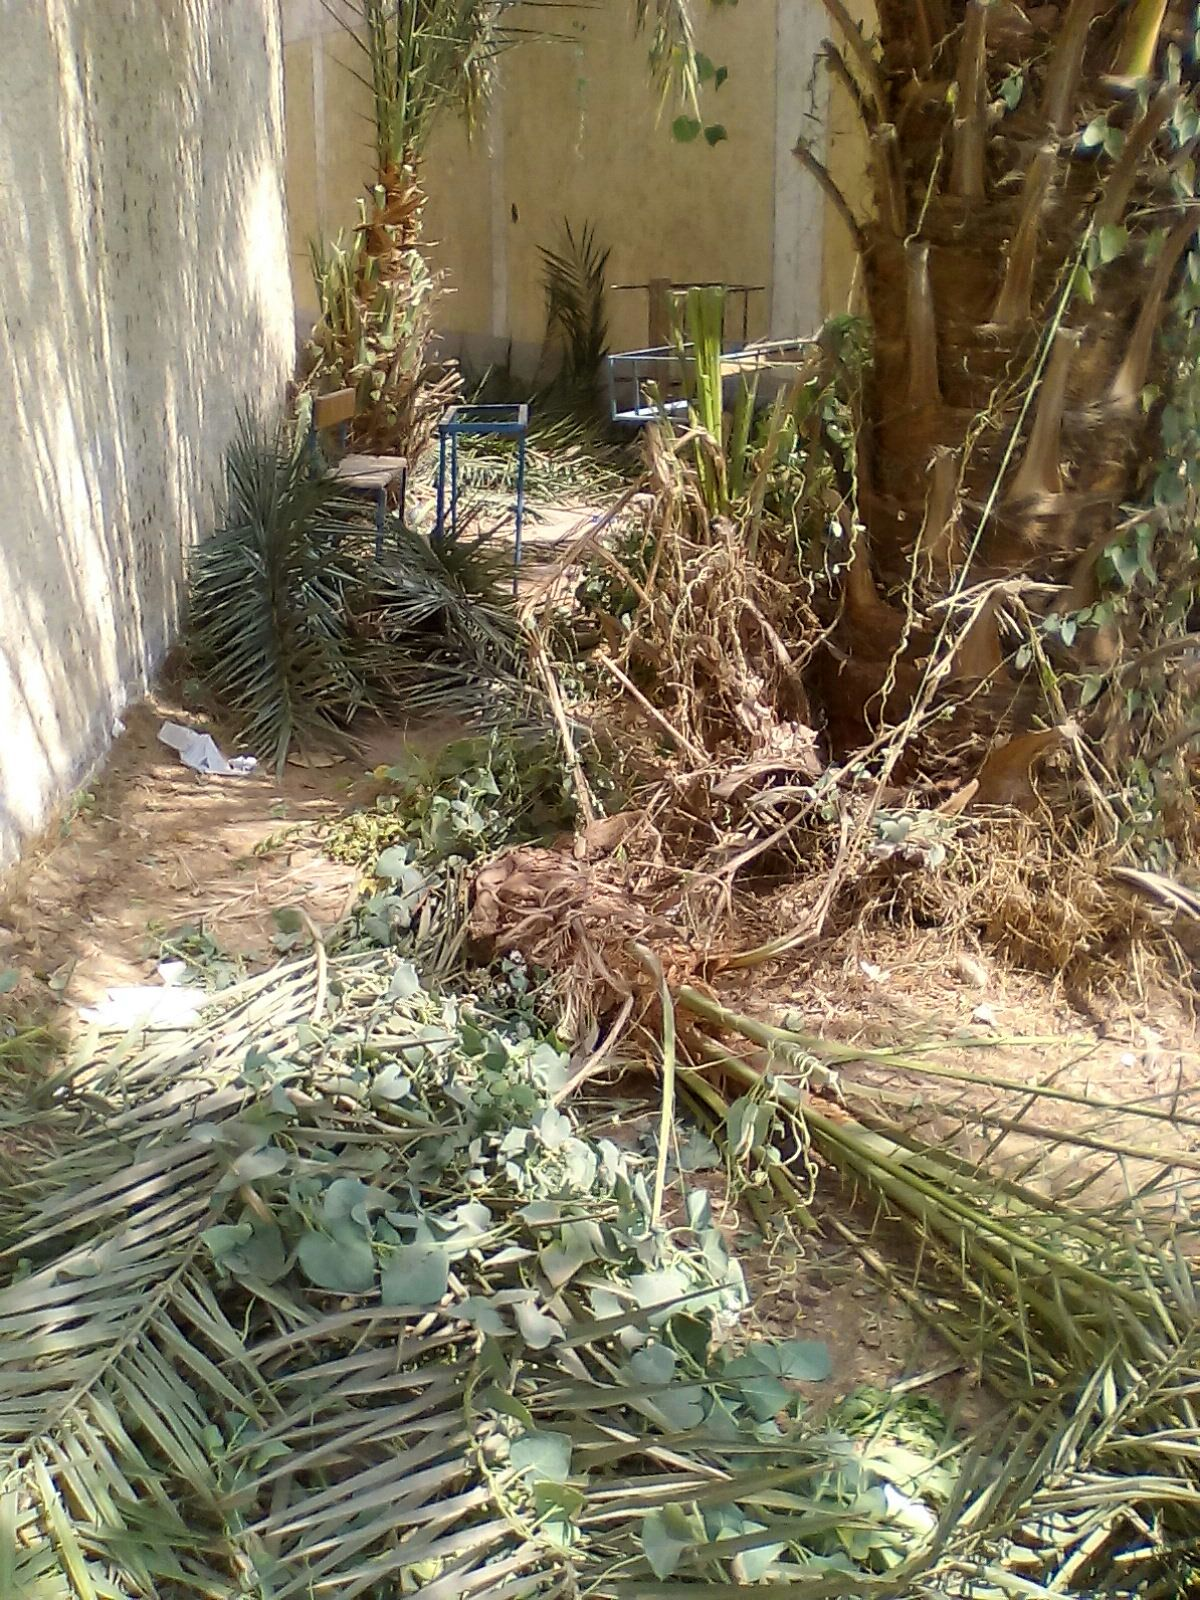 بالصور.. ولي أمر طالب يرصد مشاهد إهمال بالمدرسة التجريبية في القناطر.. (شاركونا صوركم)